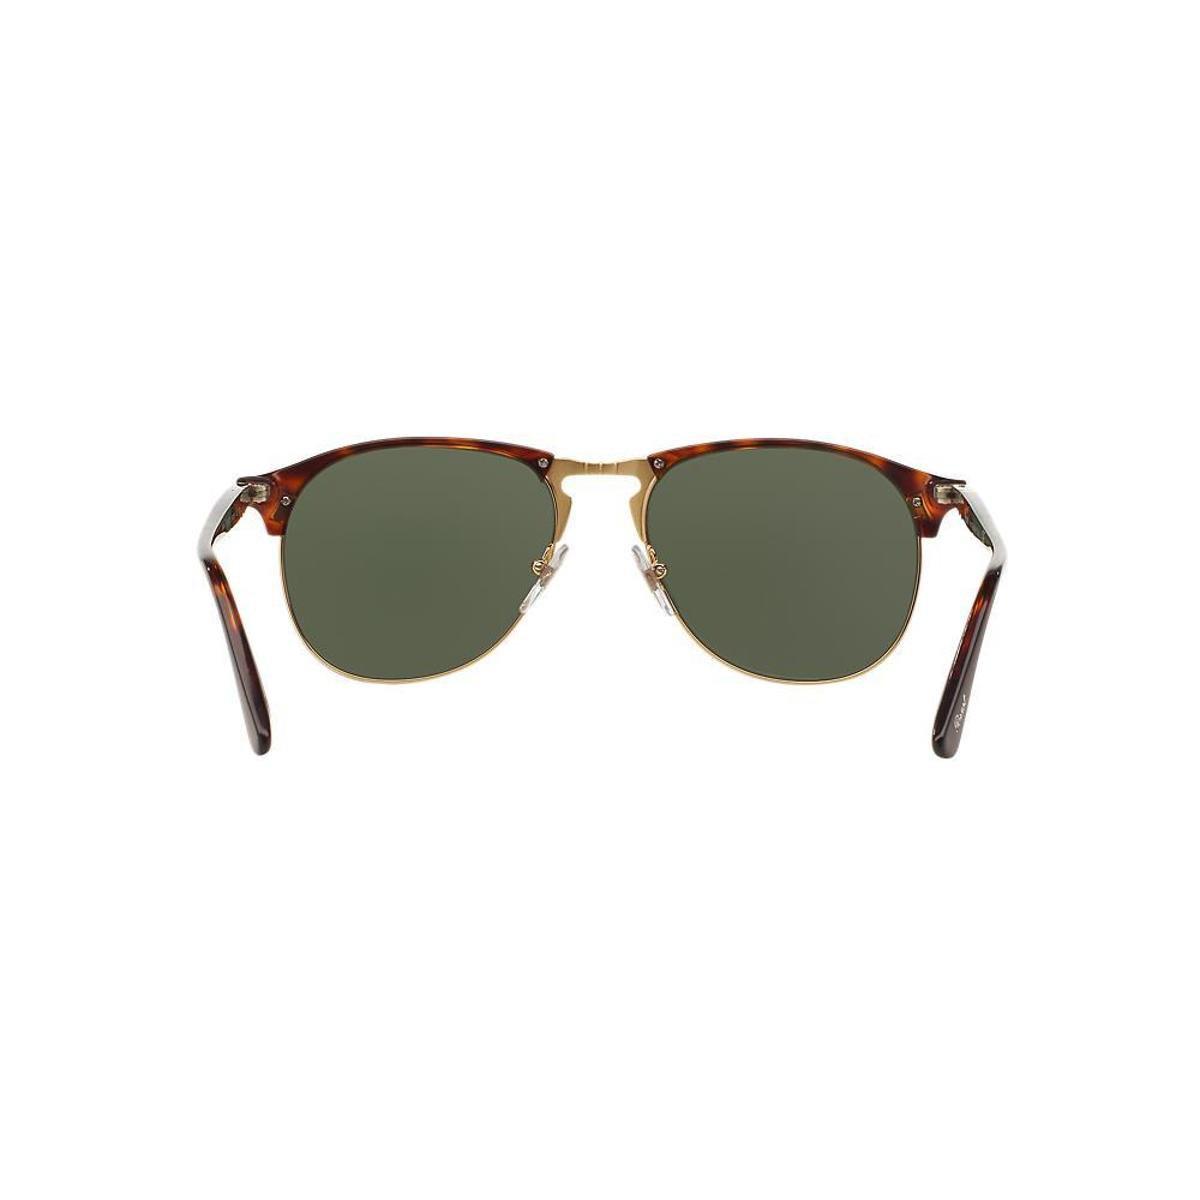 1ef1a593aab1e Óculos de Sol Persol Piloto PO8649S Masculino - Marrom - Compre ...